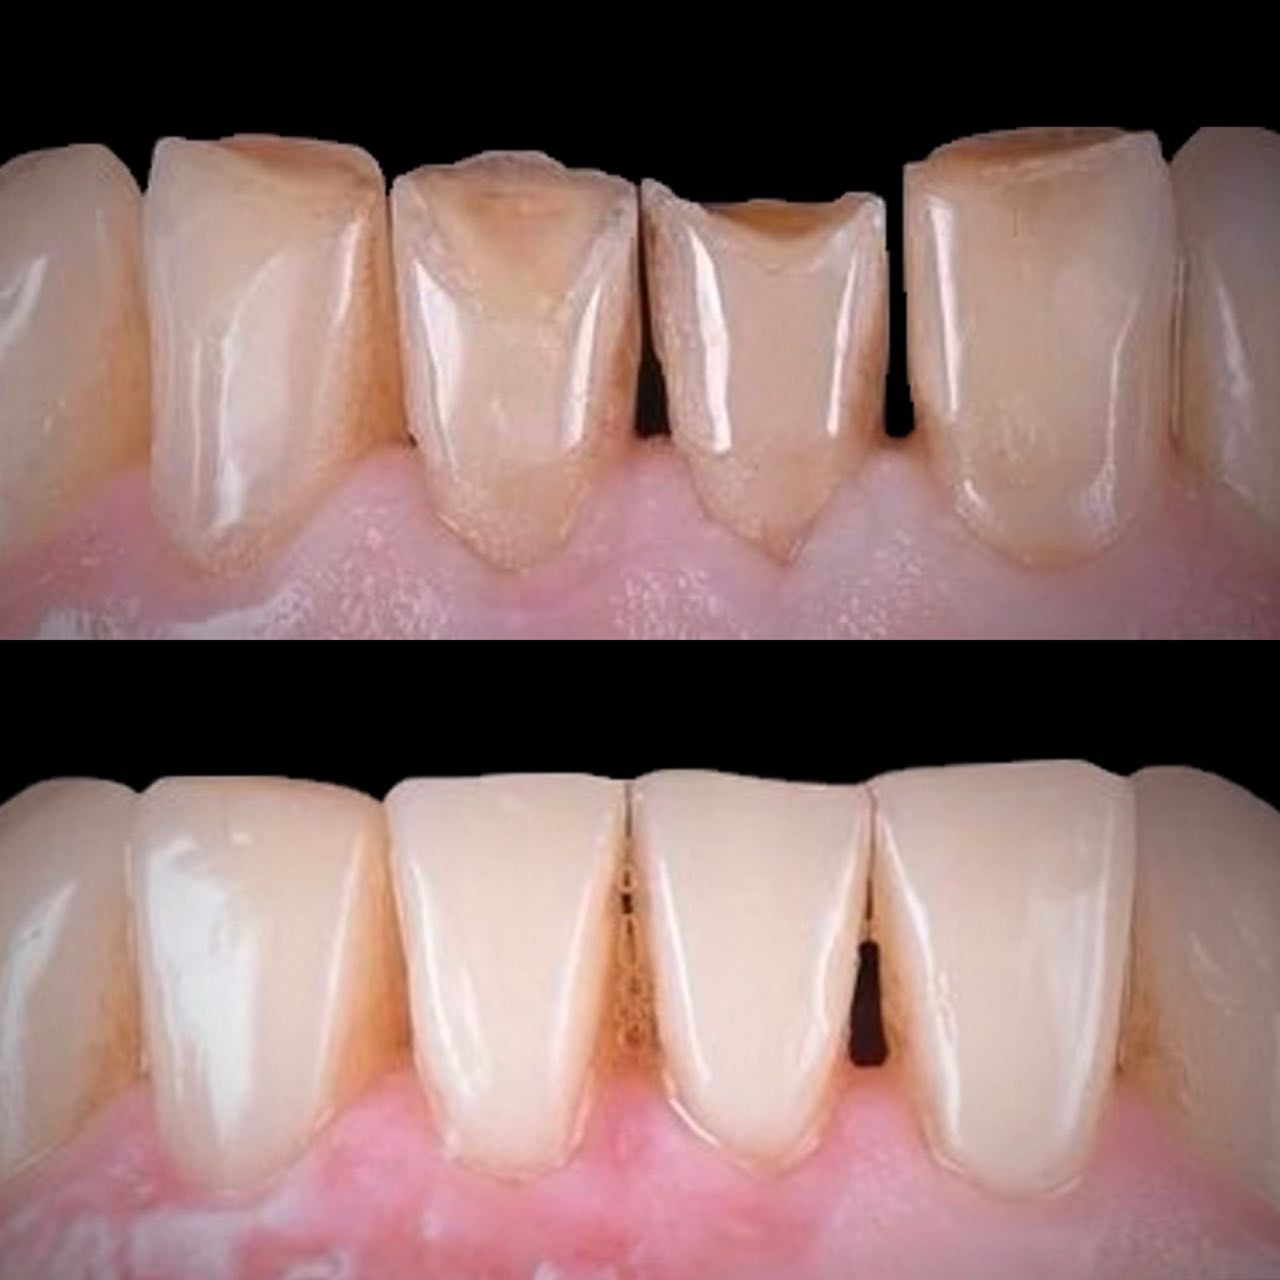 1 - Художня реставрація зубів